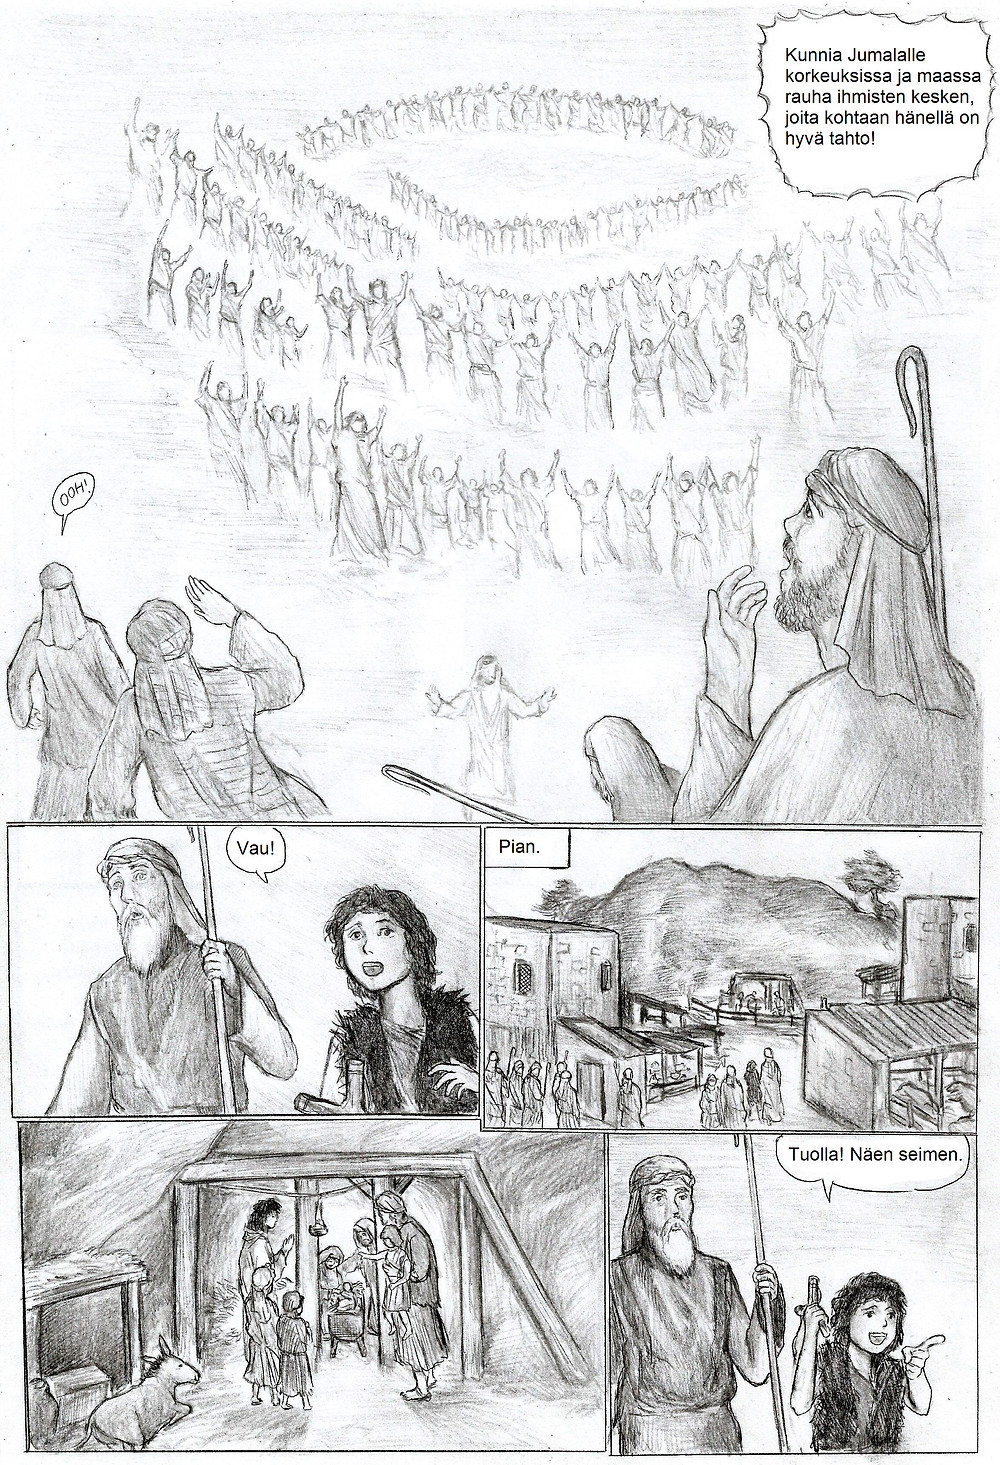 Paimenet/Tietäjät lähtevät enkelin kehotuksesta etsimään syntynyttä Vapahtajaa.